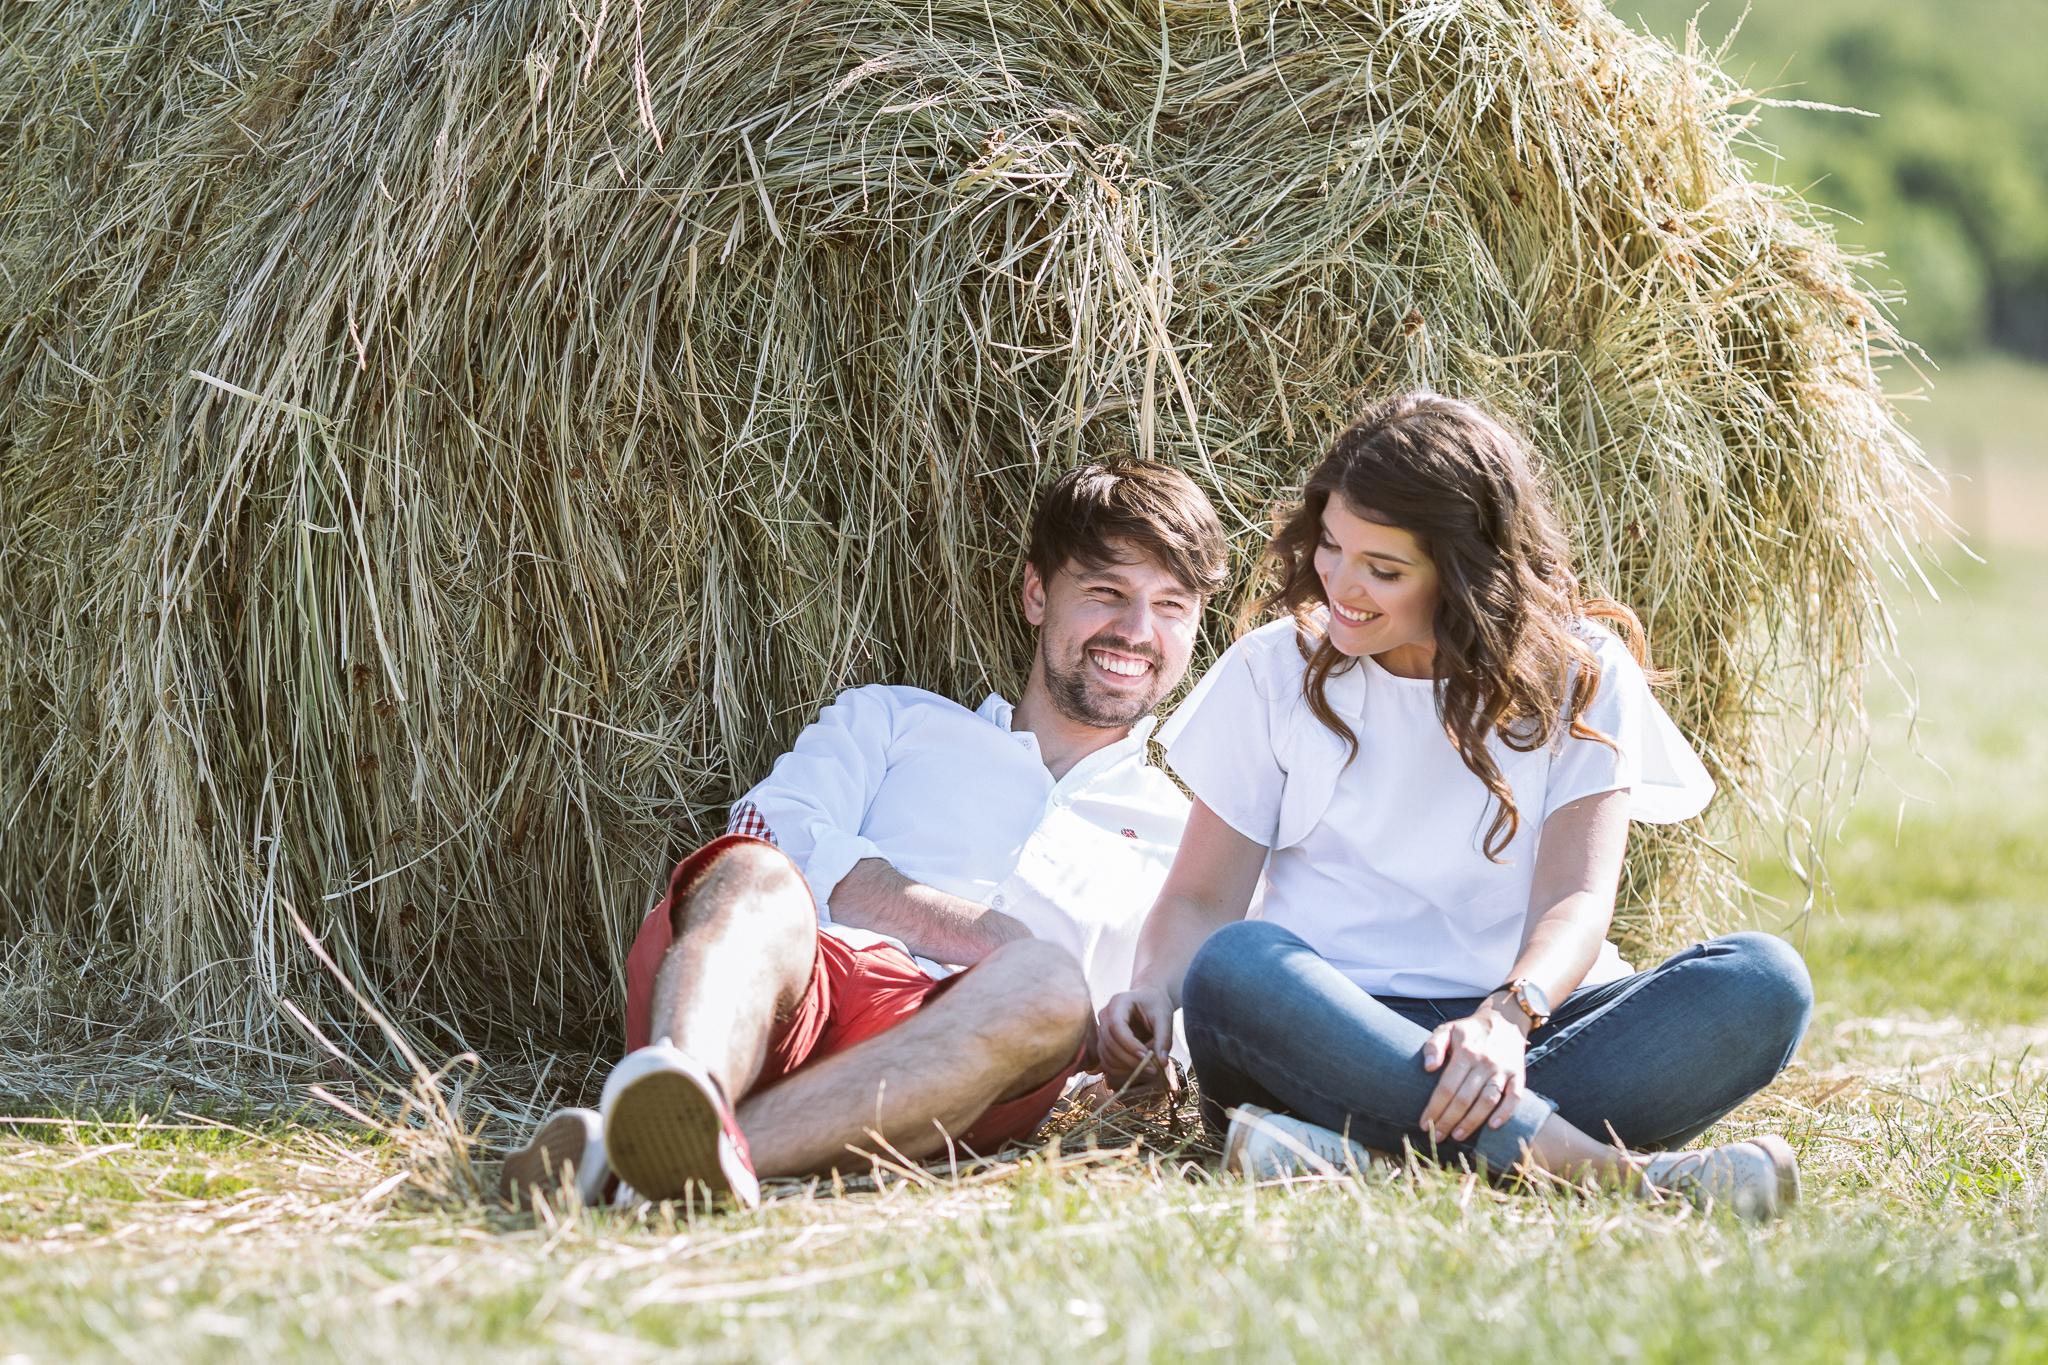 FylepPhoto, esküvőfotózás, magyarország, esküvői fotós, vasmegye, prémium, jegyesfotózás, Fülöp Péter, körmend, kreatív, tihany 18.jpg